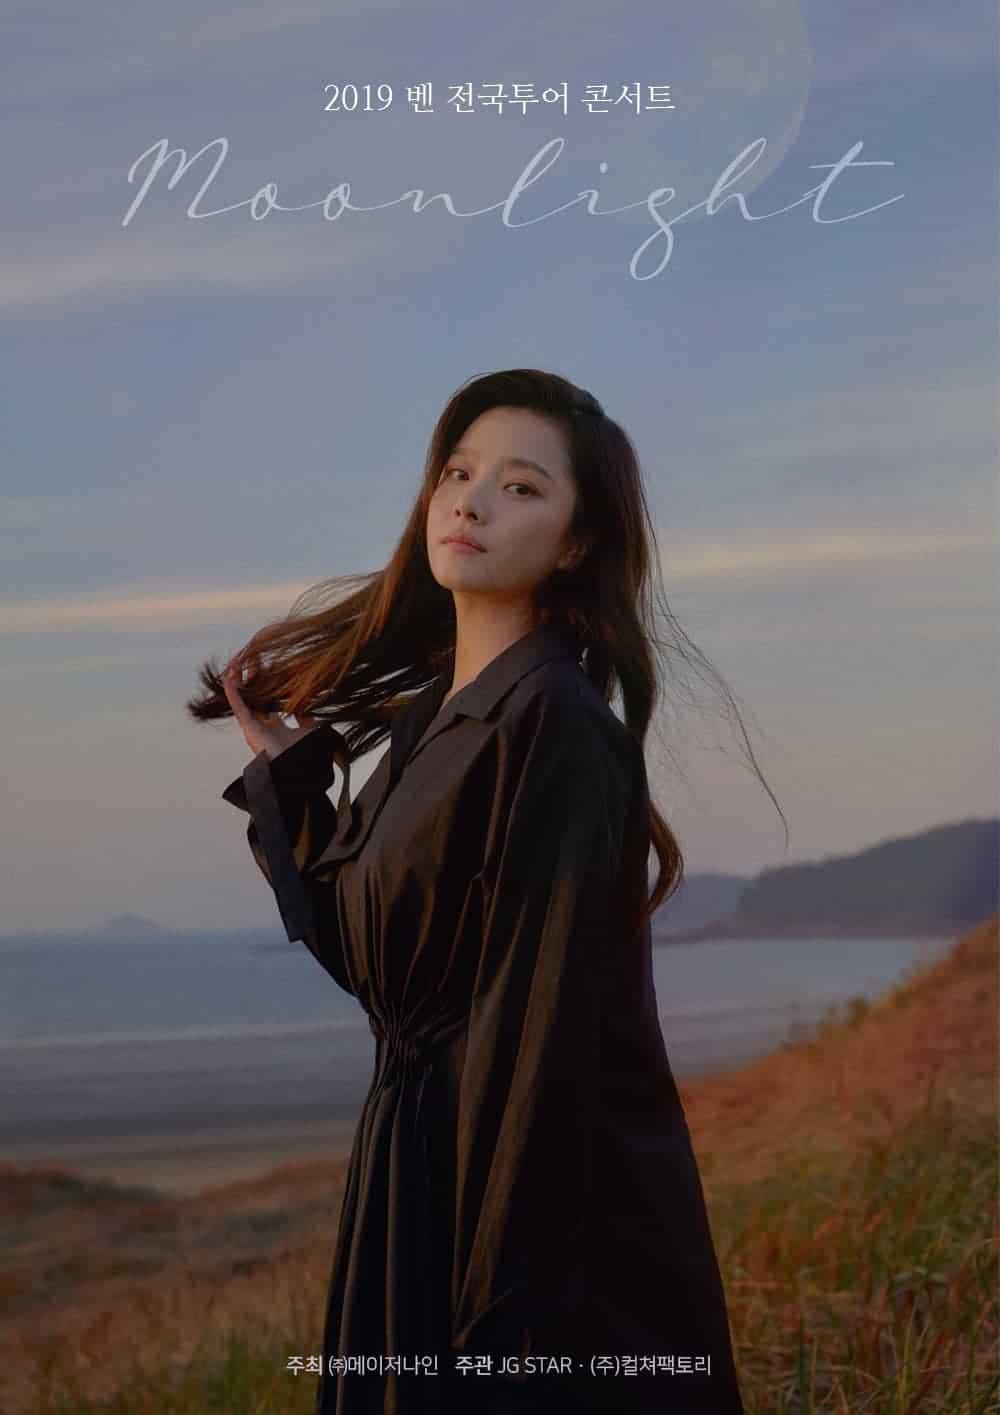 벤 전국투어 콘서트 개최 ⓒ 갓잇코리아